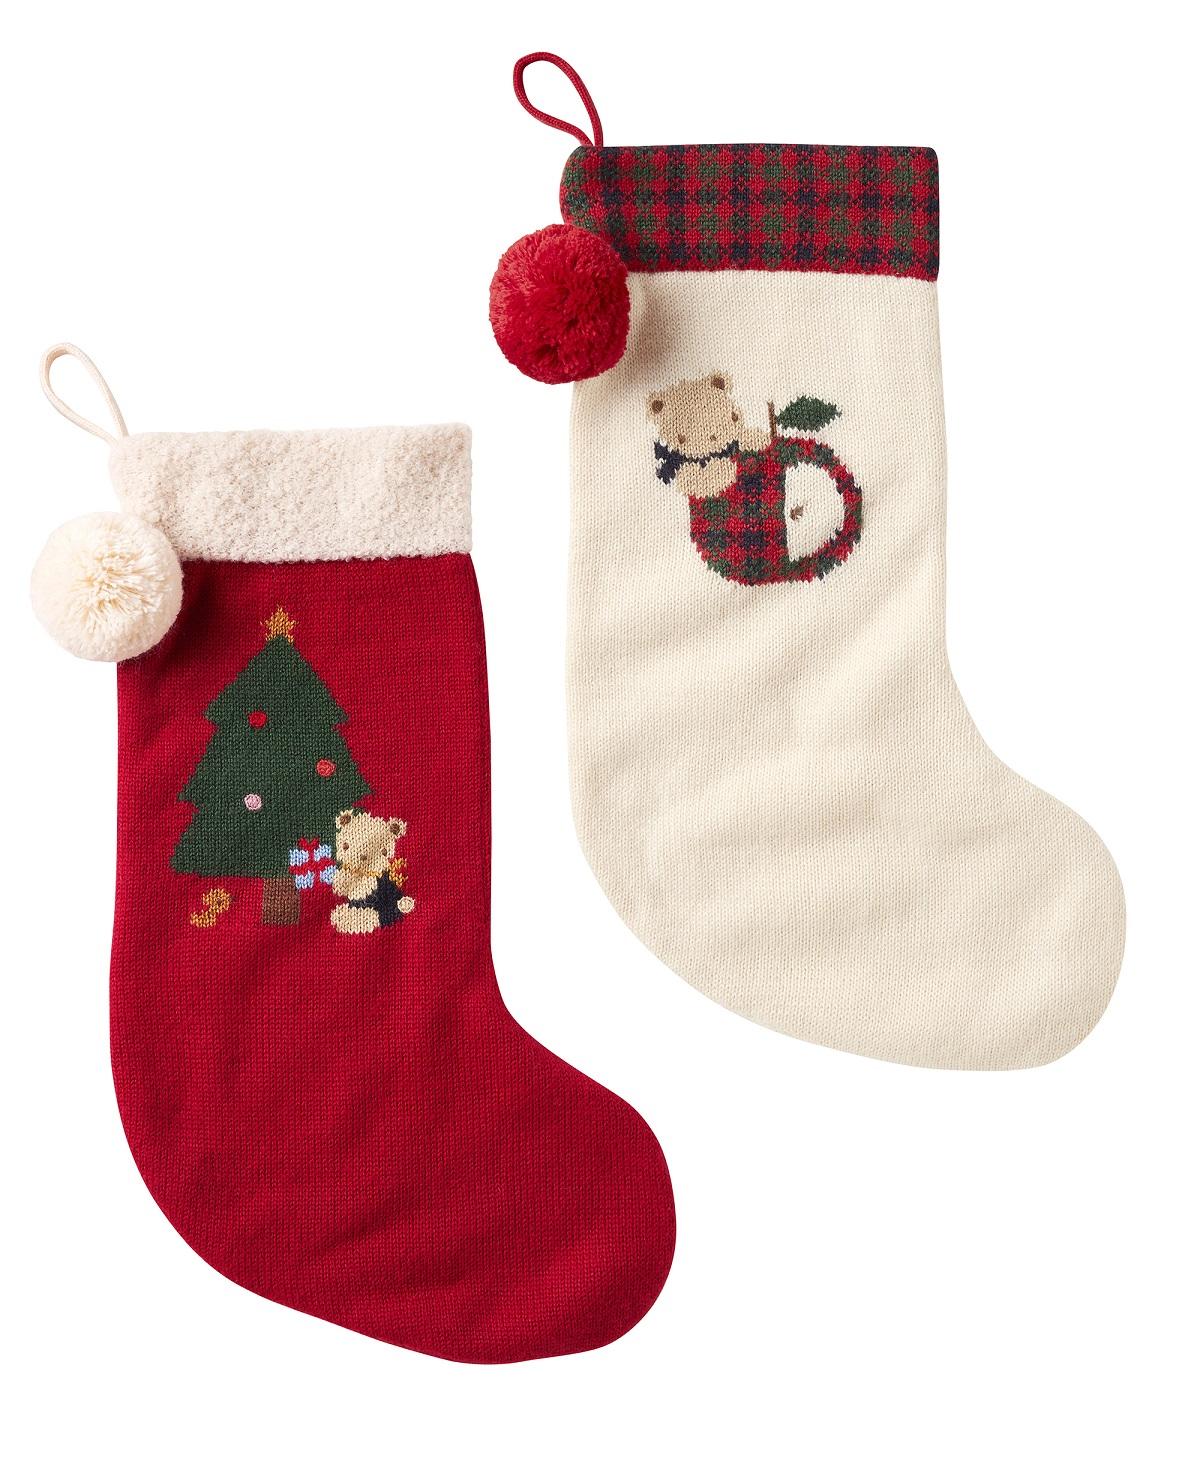 〈ファミリア〉クリスマスソックス